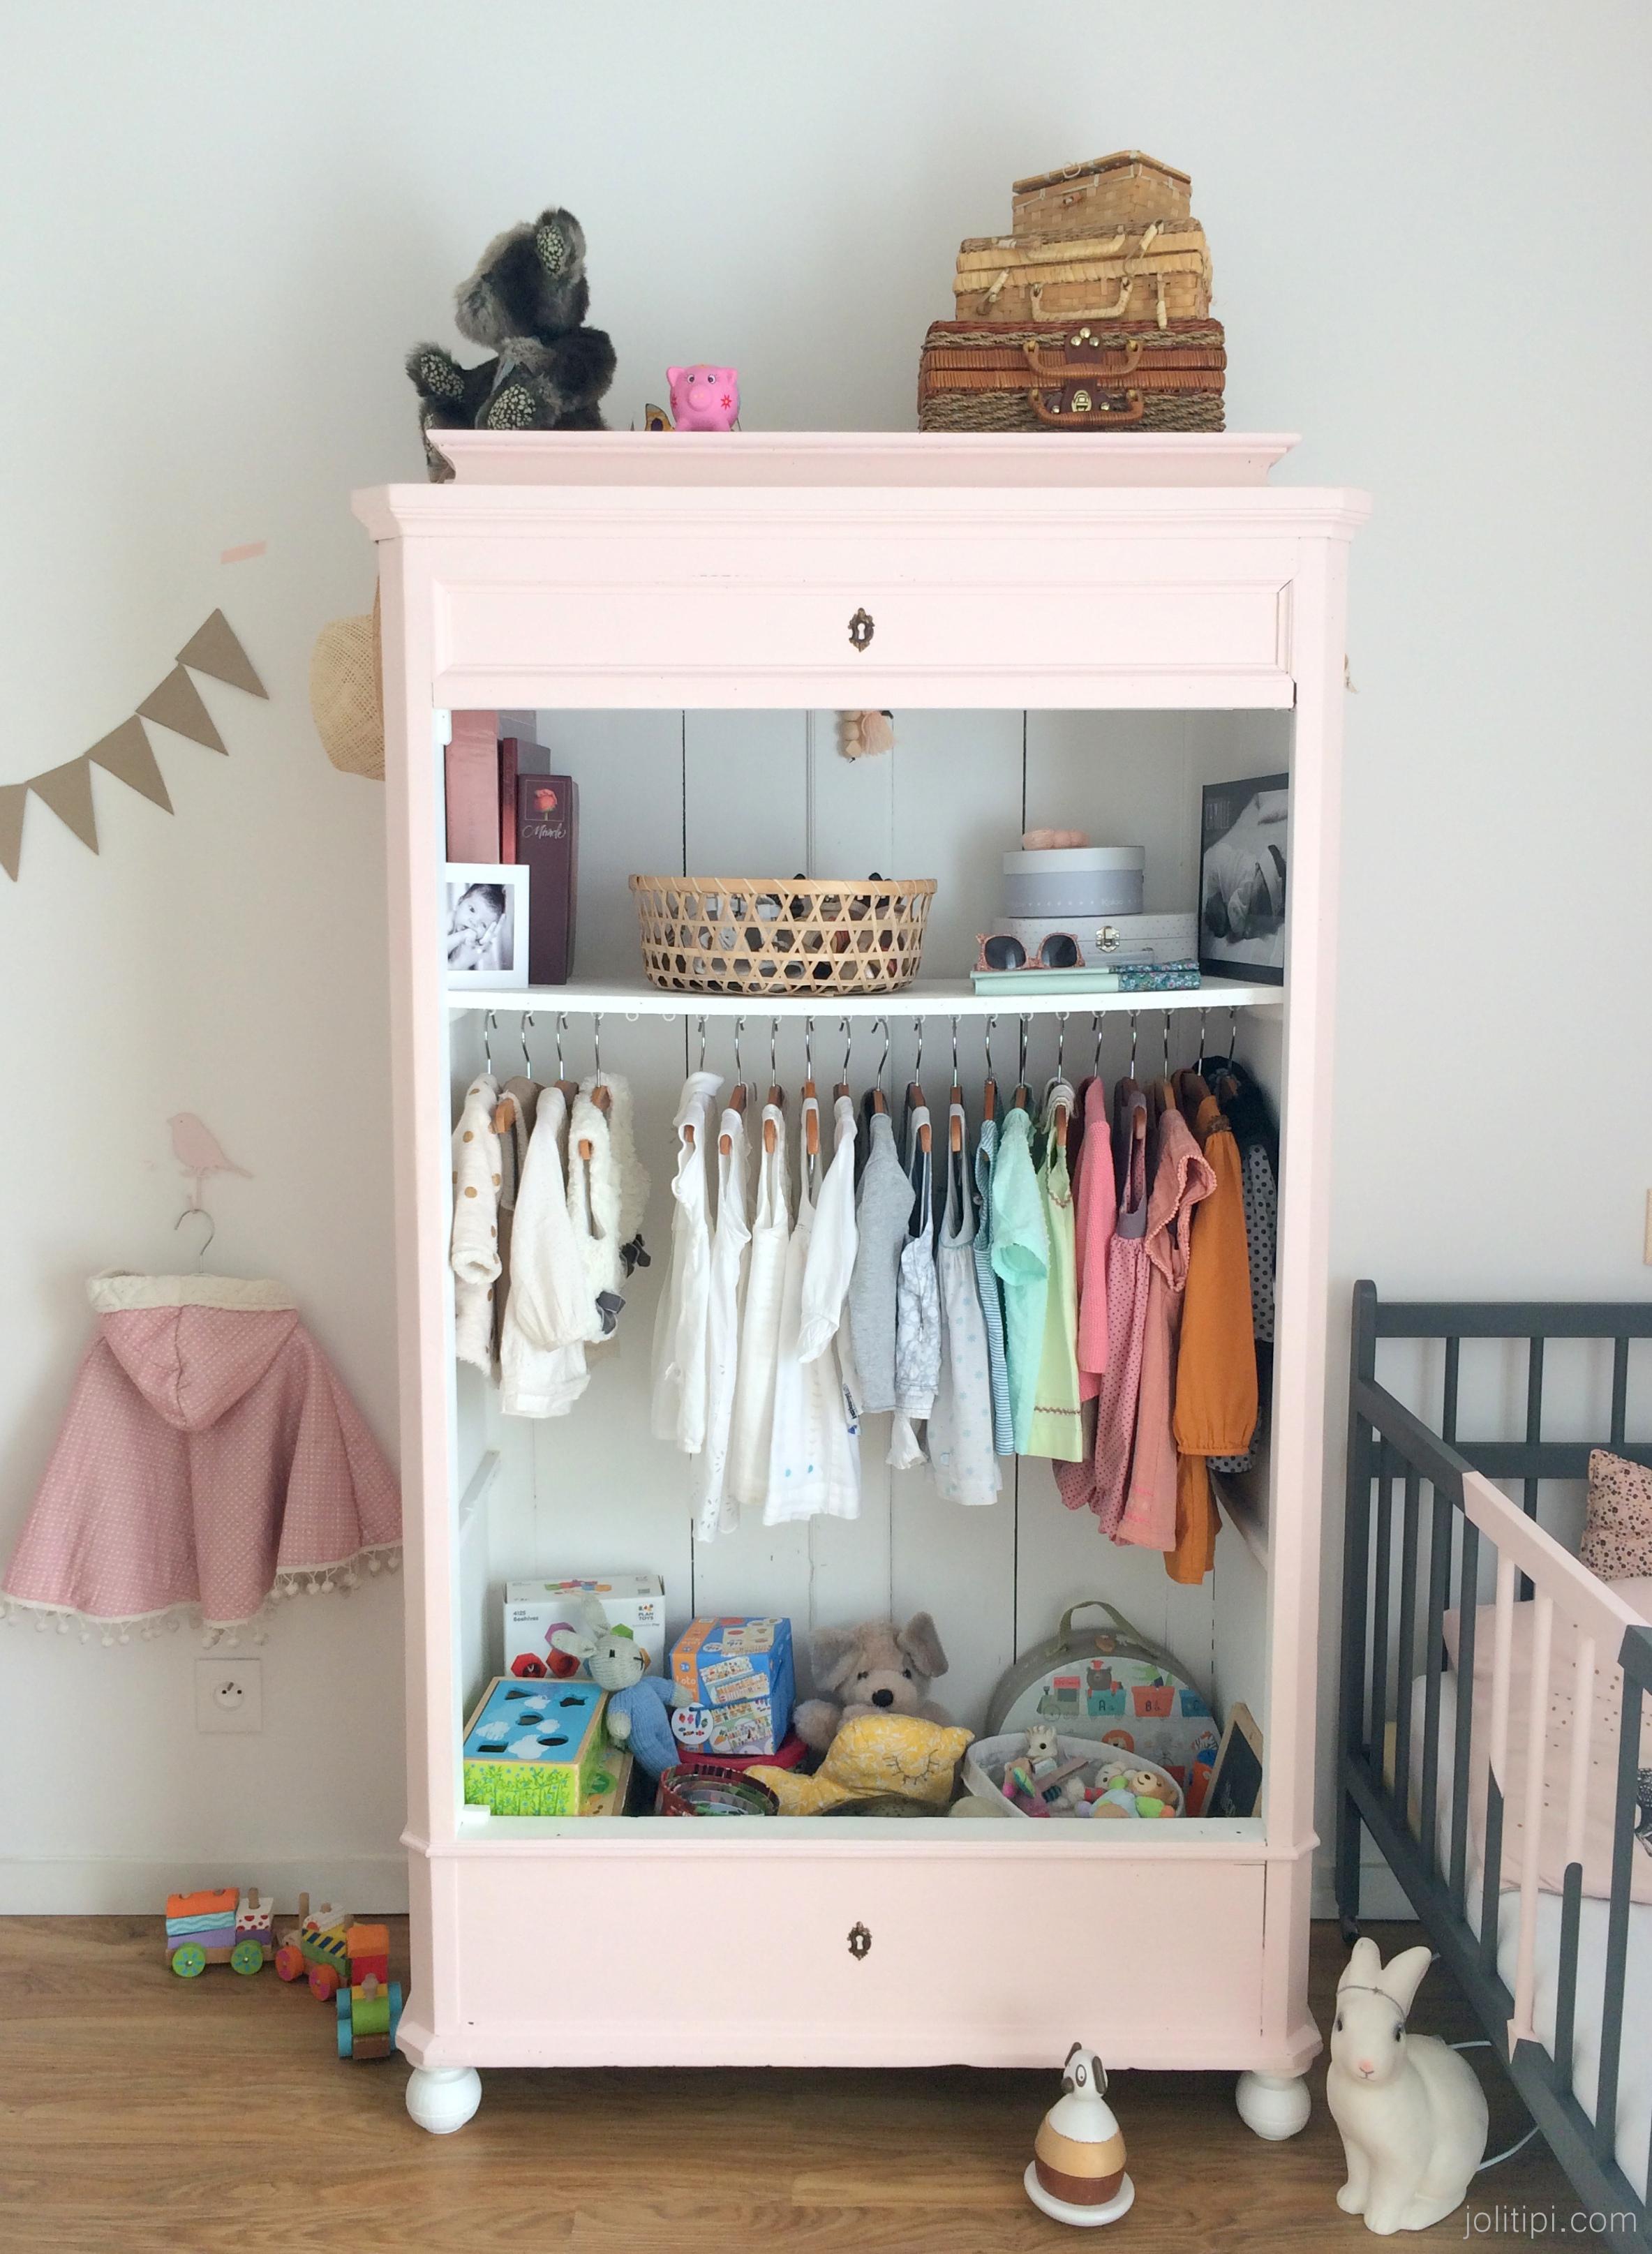 Sa petite chambre de petite fille - Joli Tipi